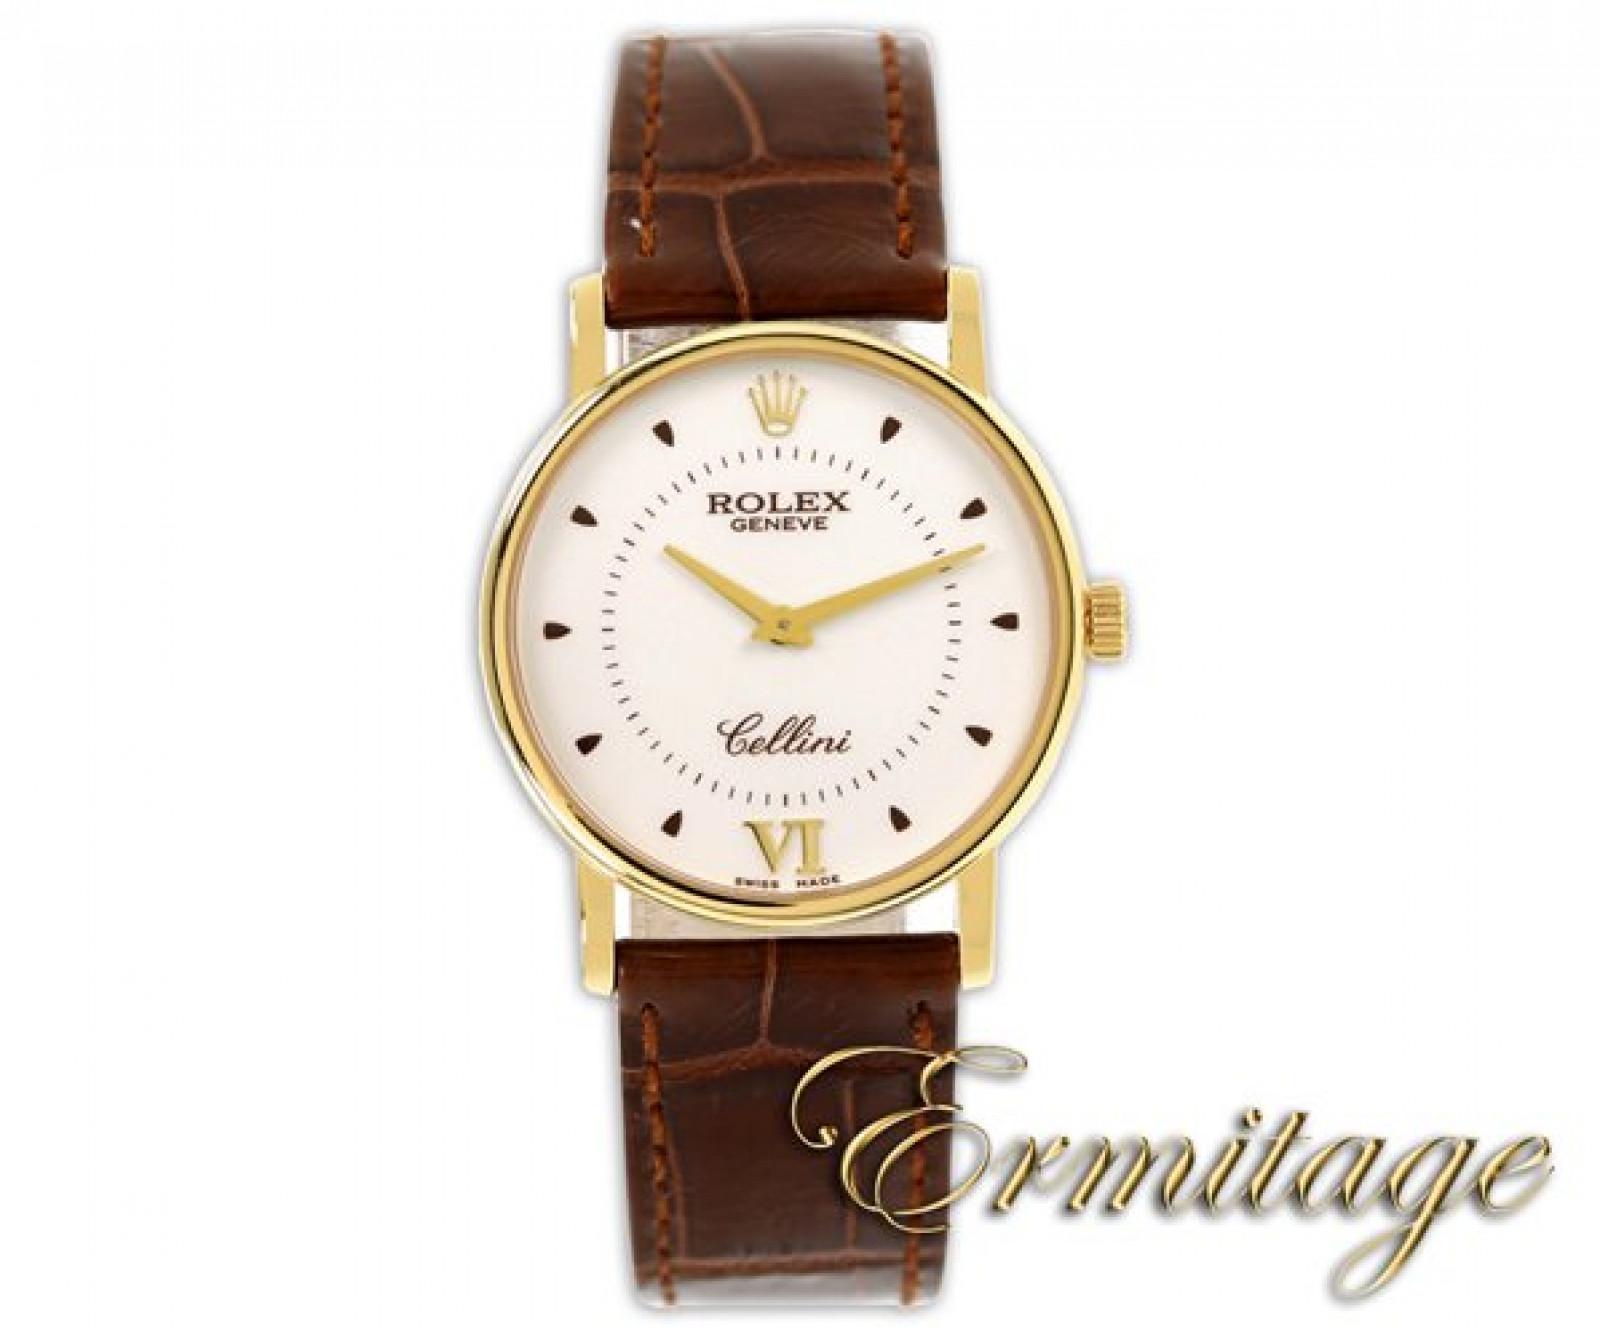 Rolex Cellini 5118 Gold 2010